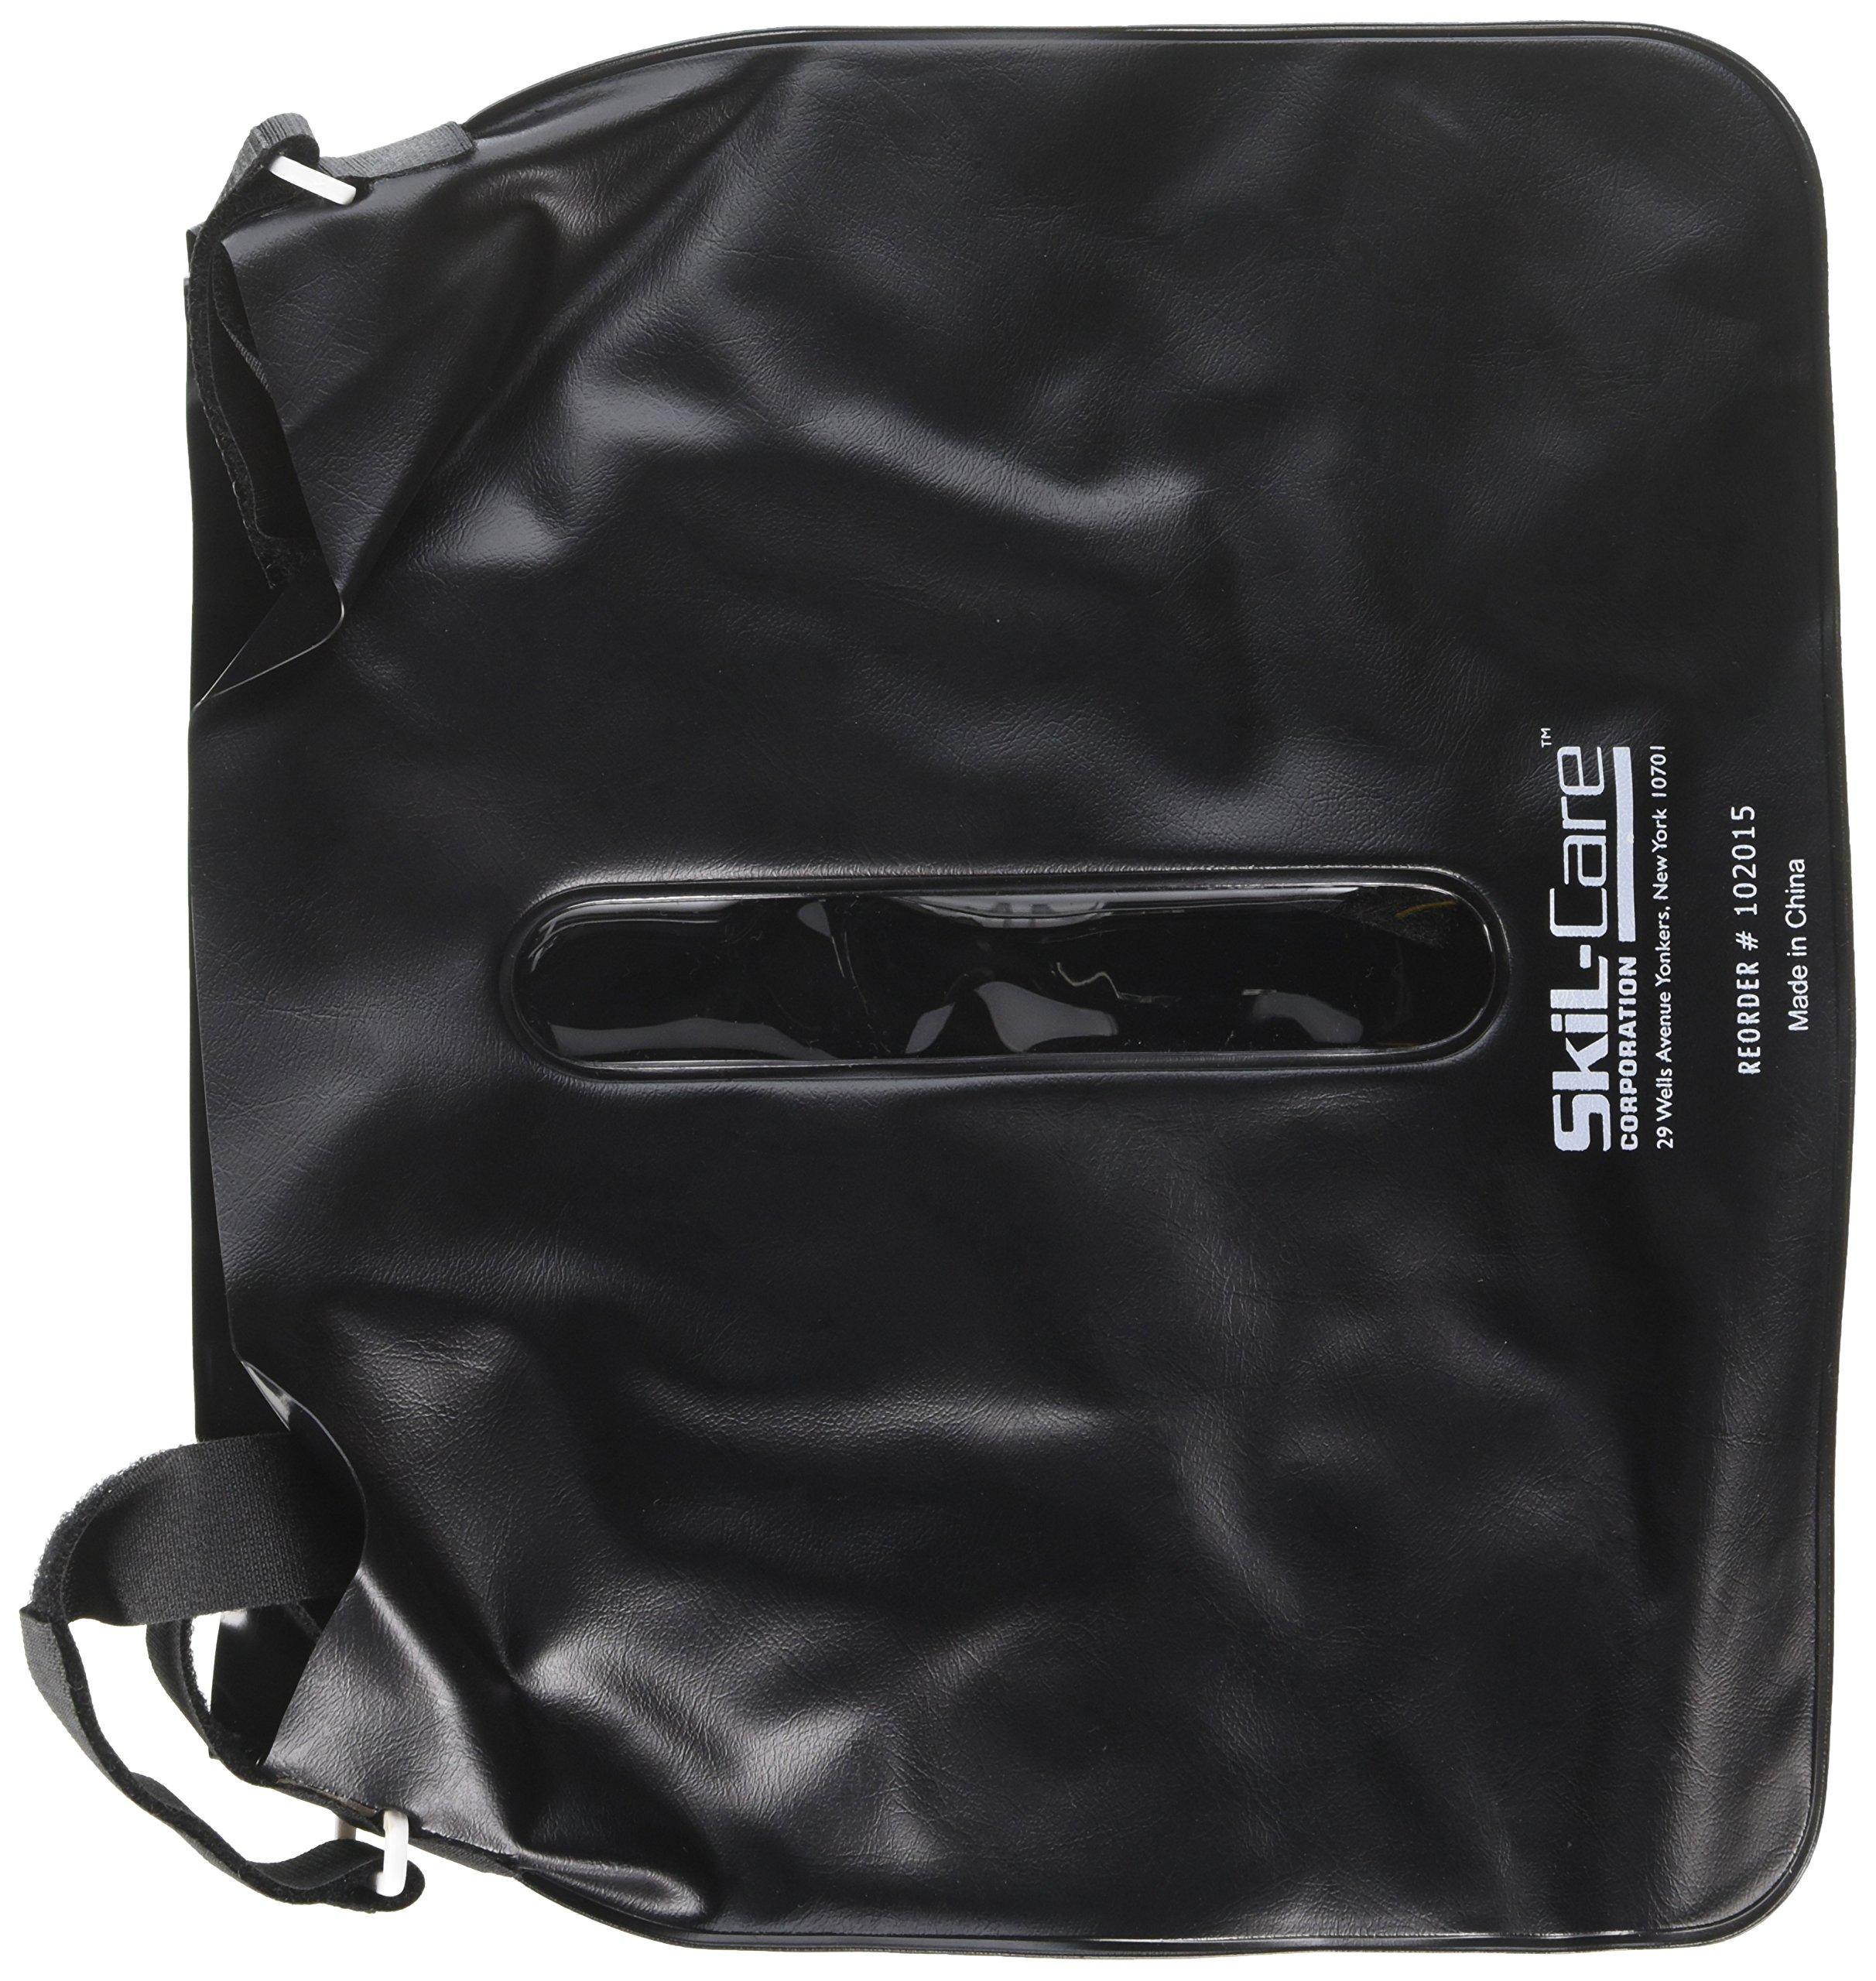 Thru-View Urinary Drainage Bag Holder